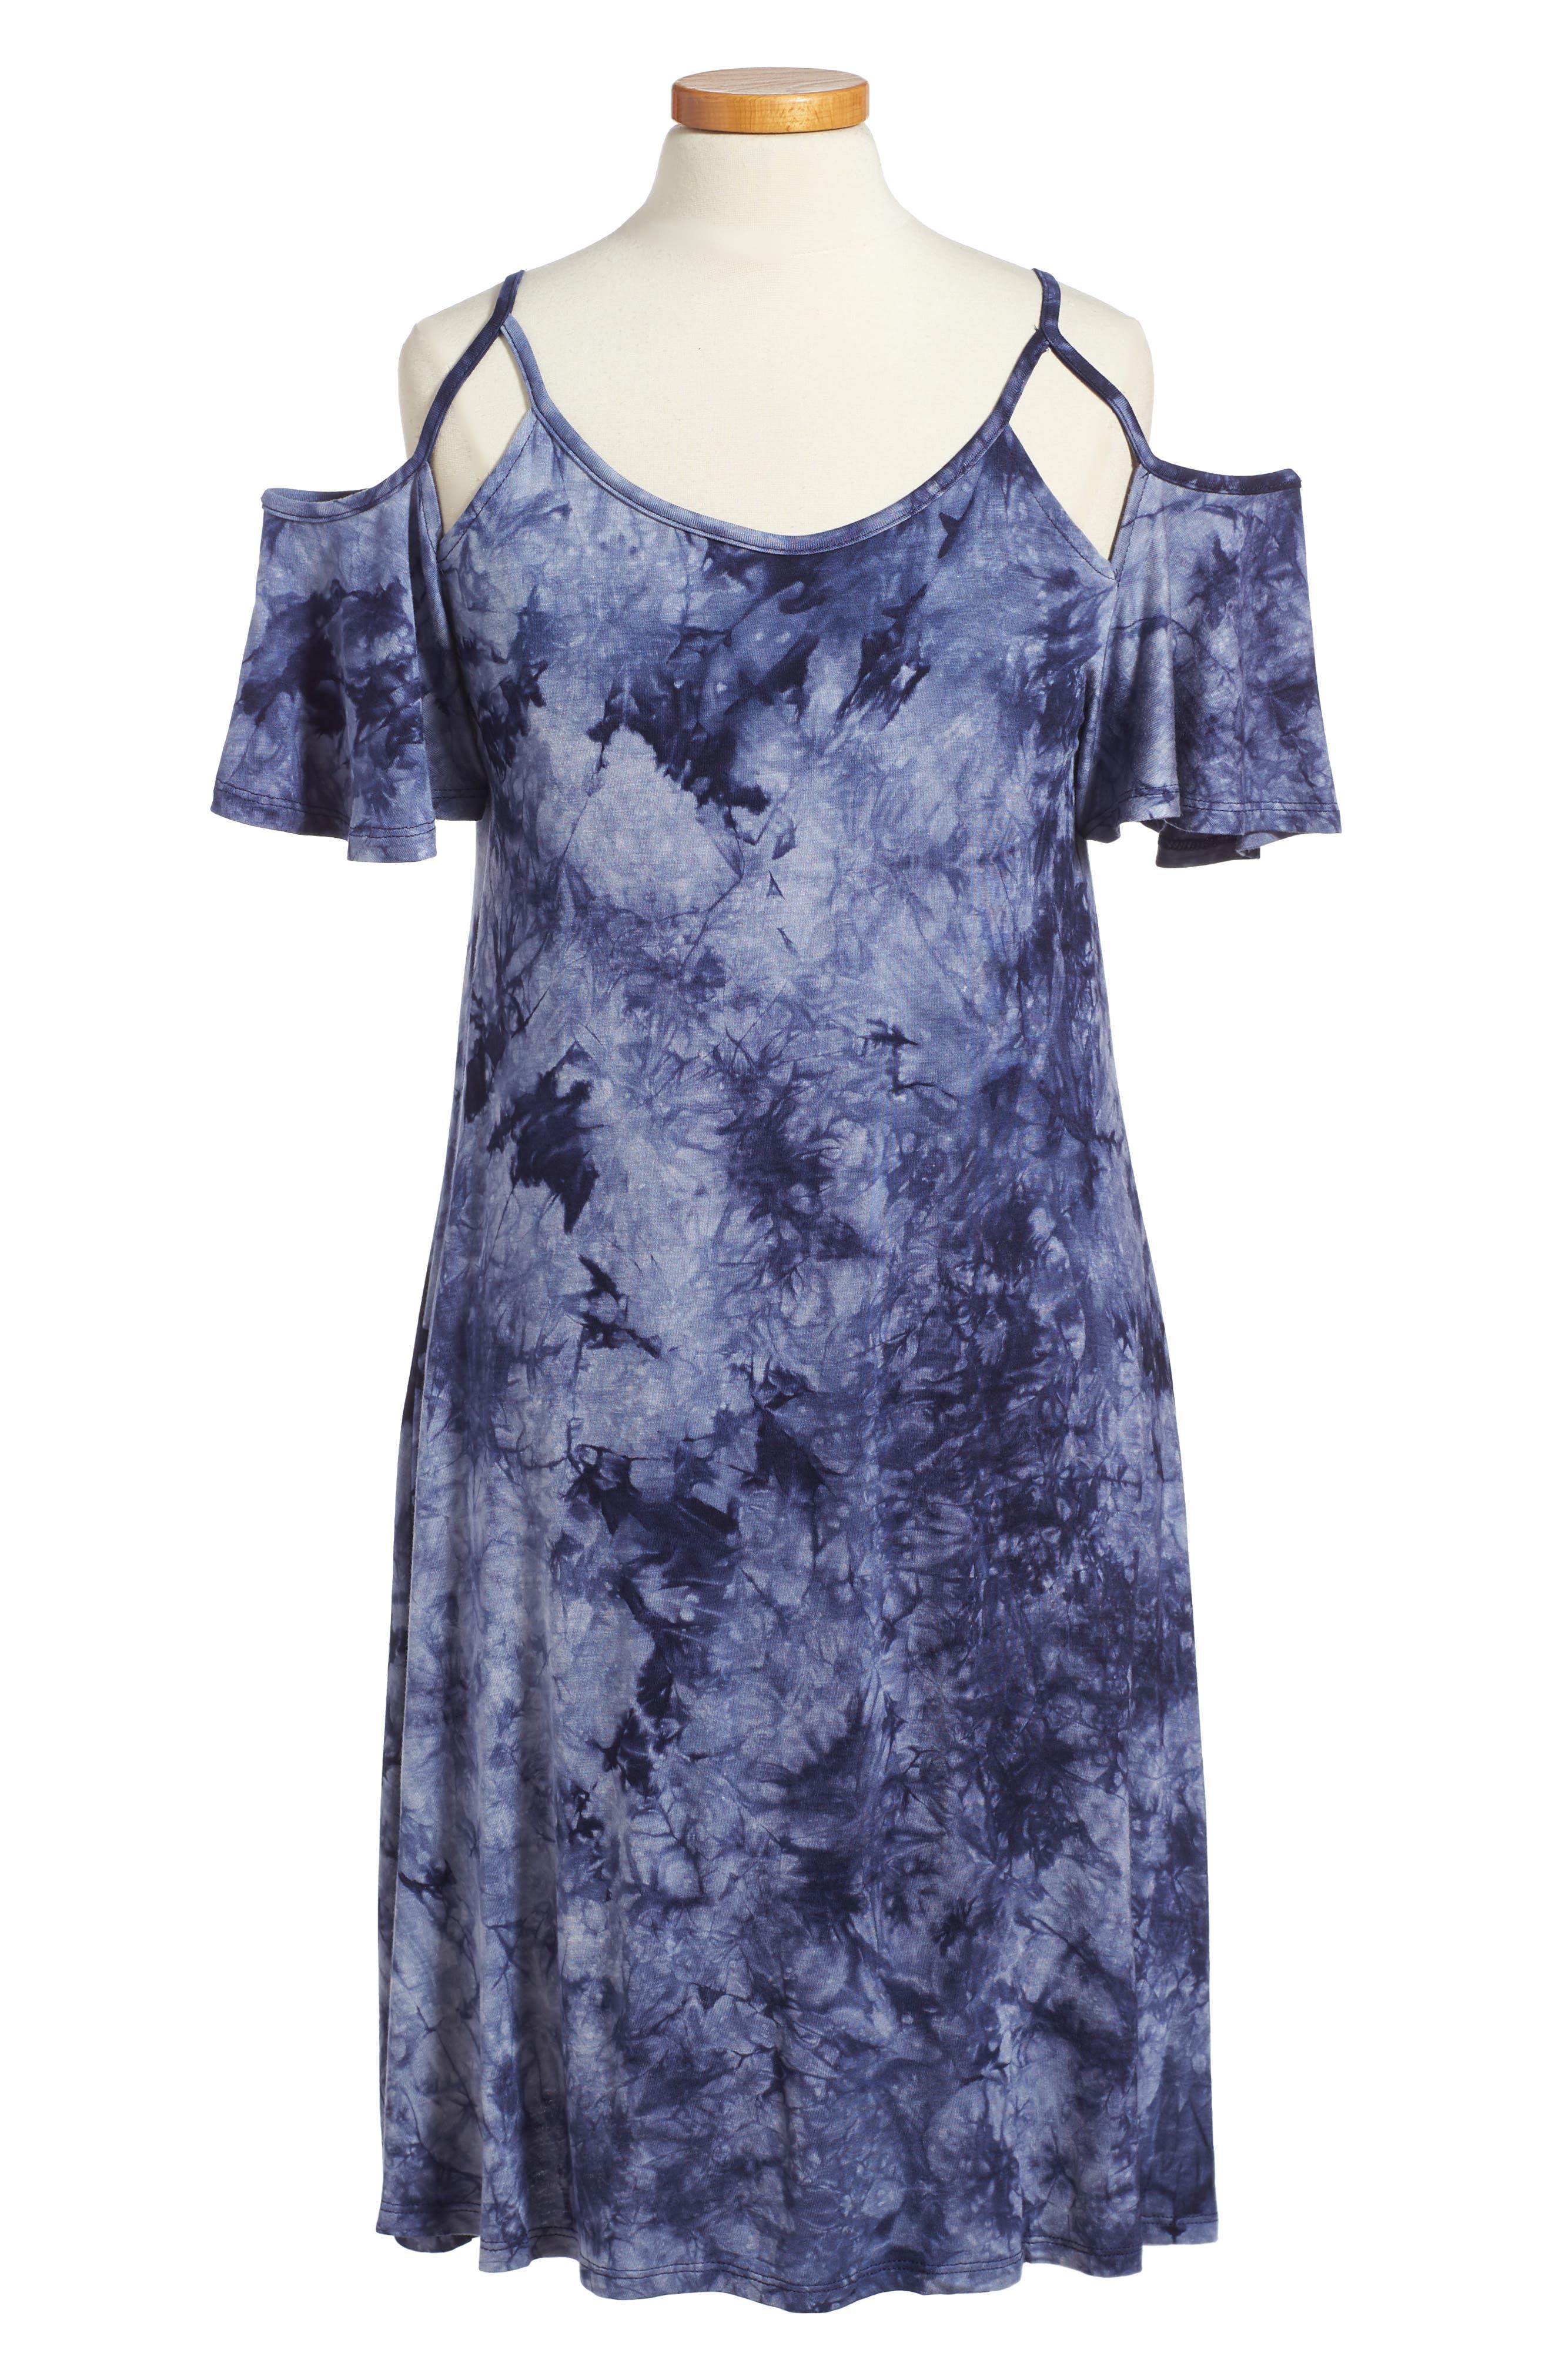 Penelope Tree Regine Cold Shoulder Dress (Big Girls)